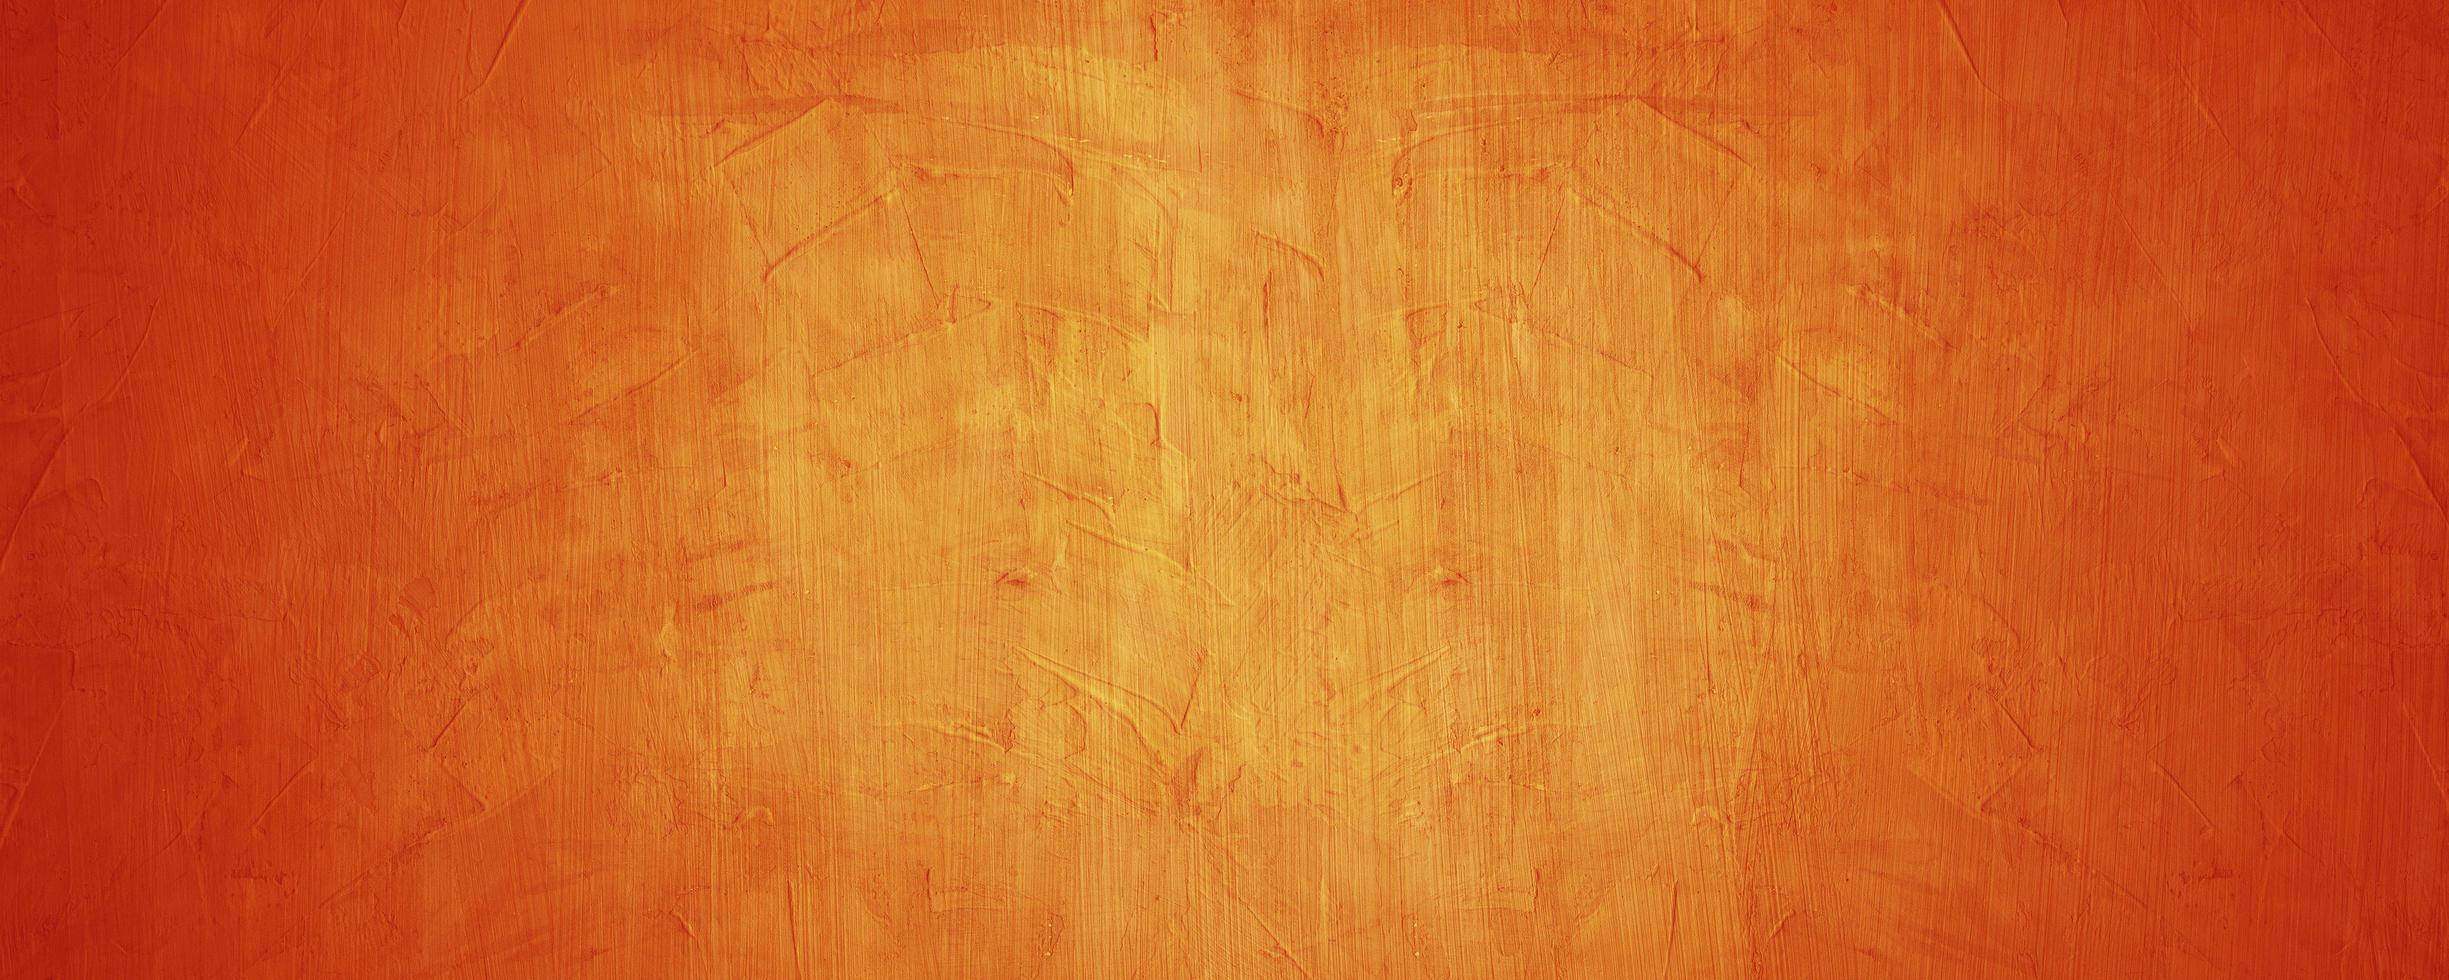 horizontale gele en oranje grunge textuur cement of betonnen muur banner lege achtergrond foto